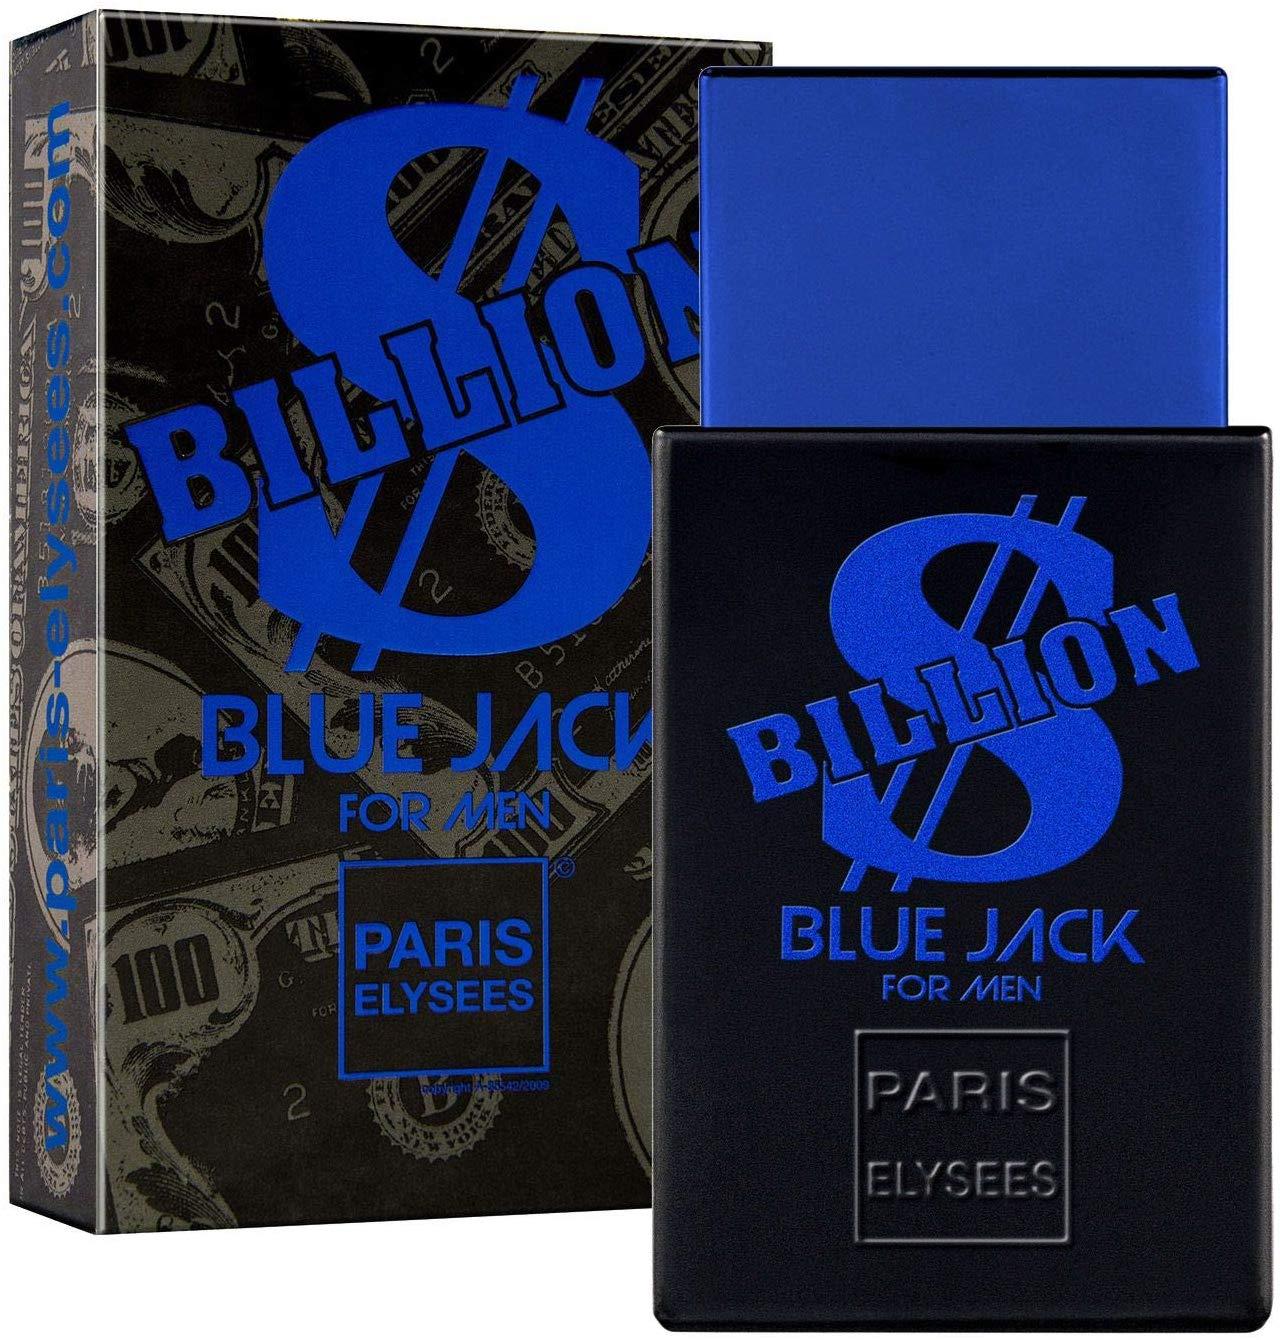 Paris Elysees Eau de Toilette Billion Blue Jack For Men 100 mL